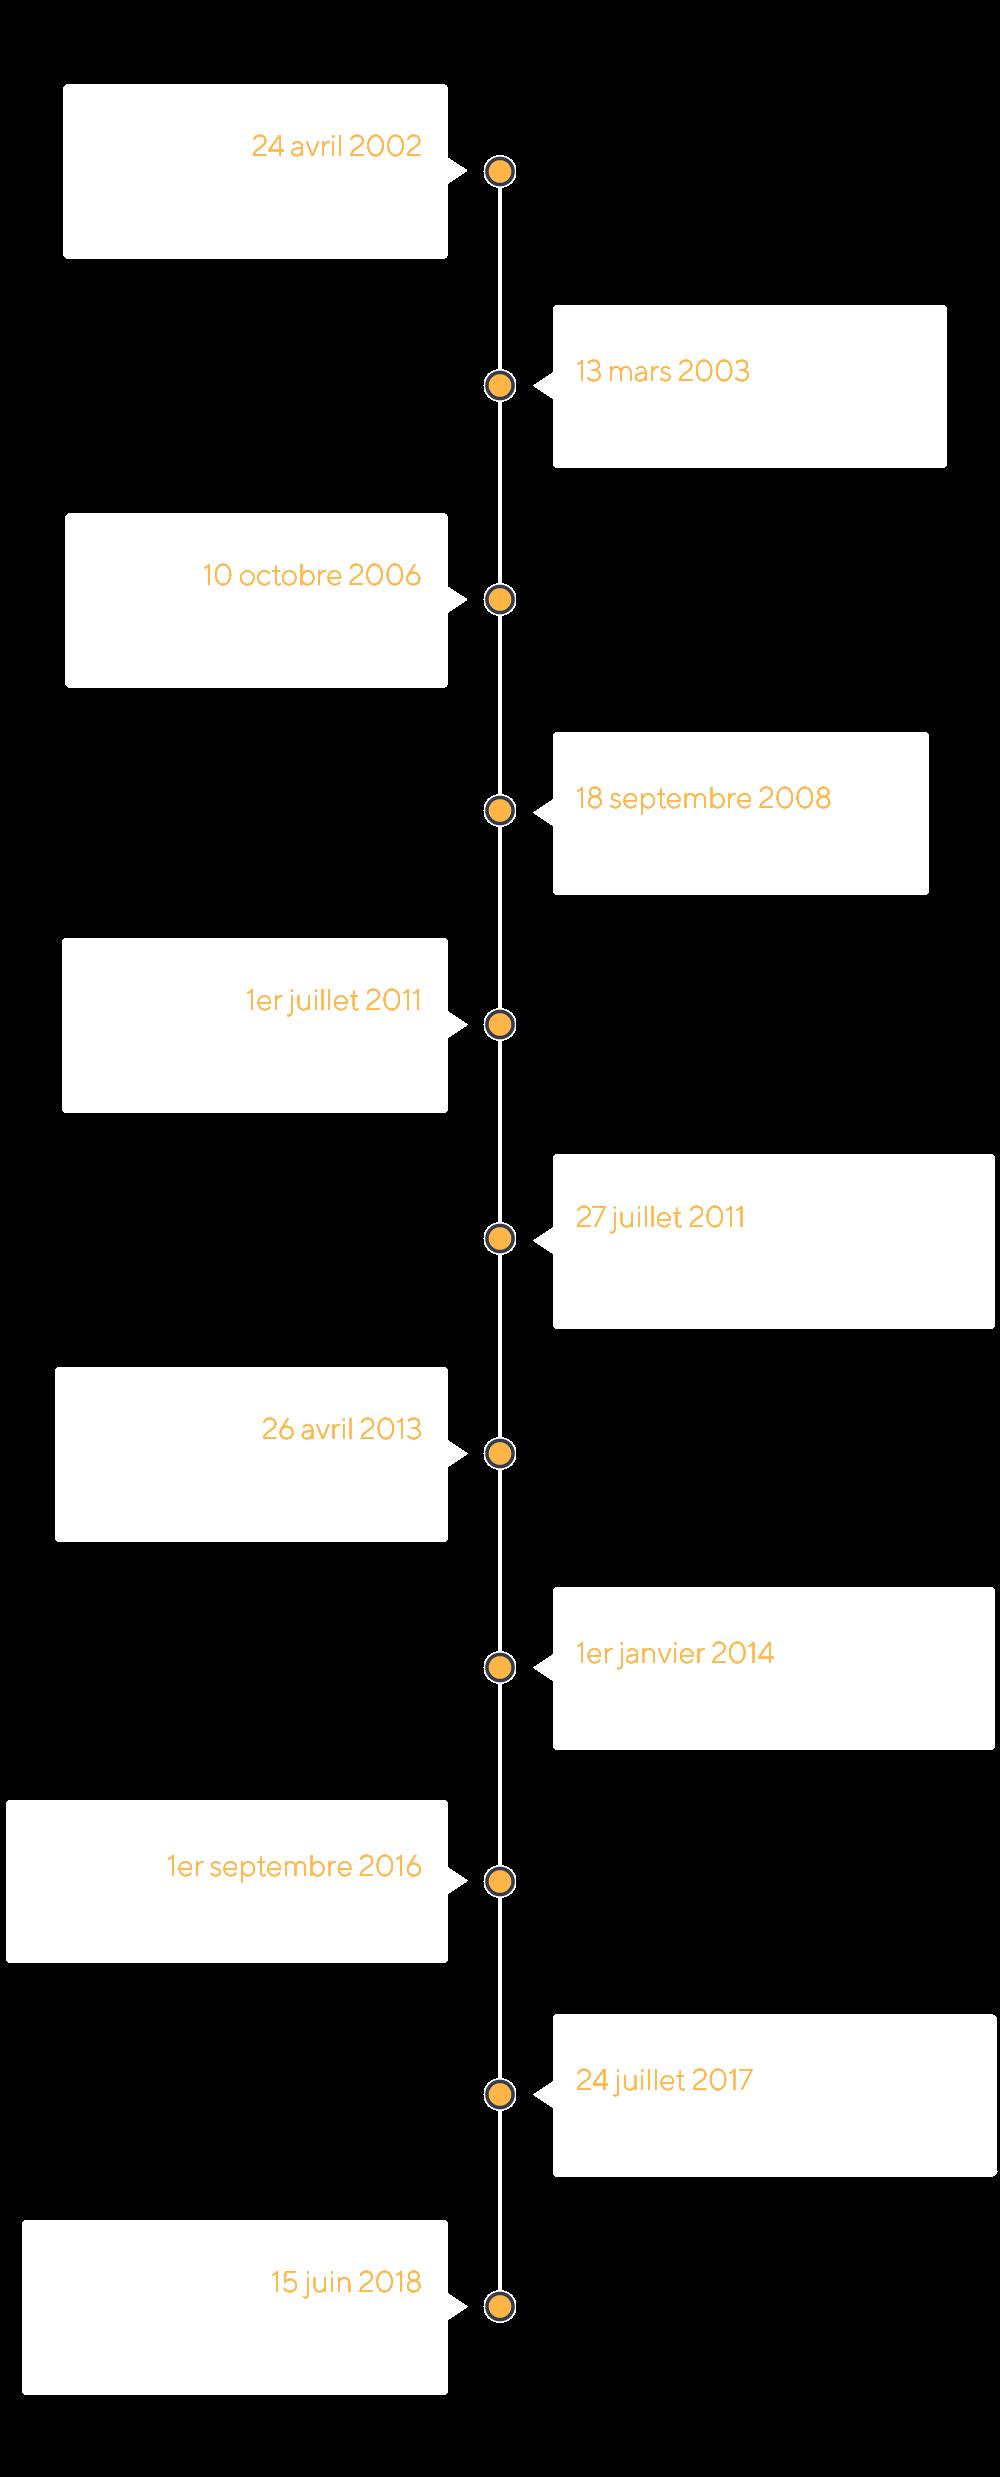 Timeline historique société Wifirst